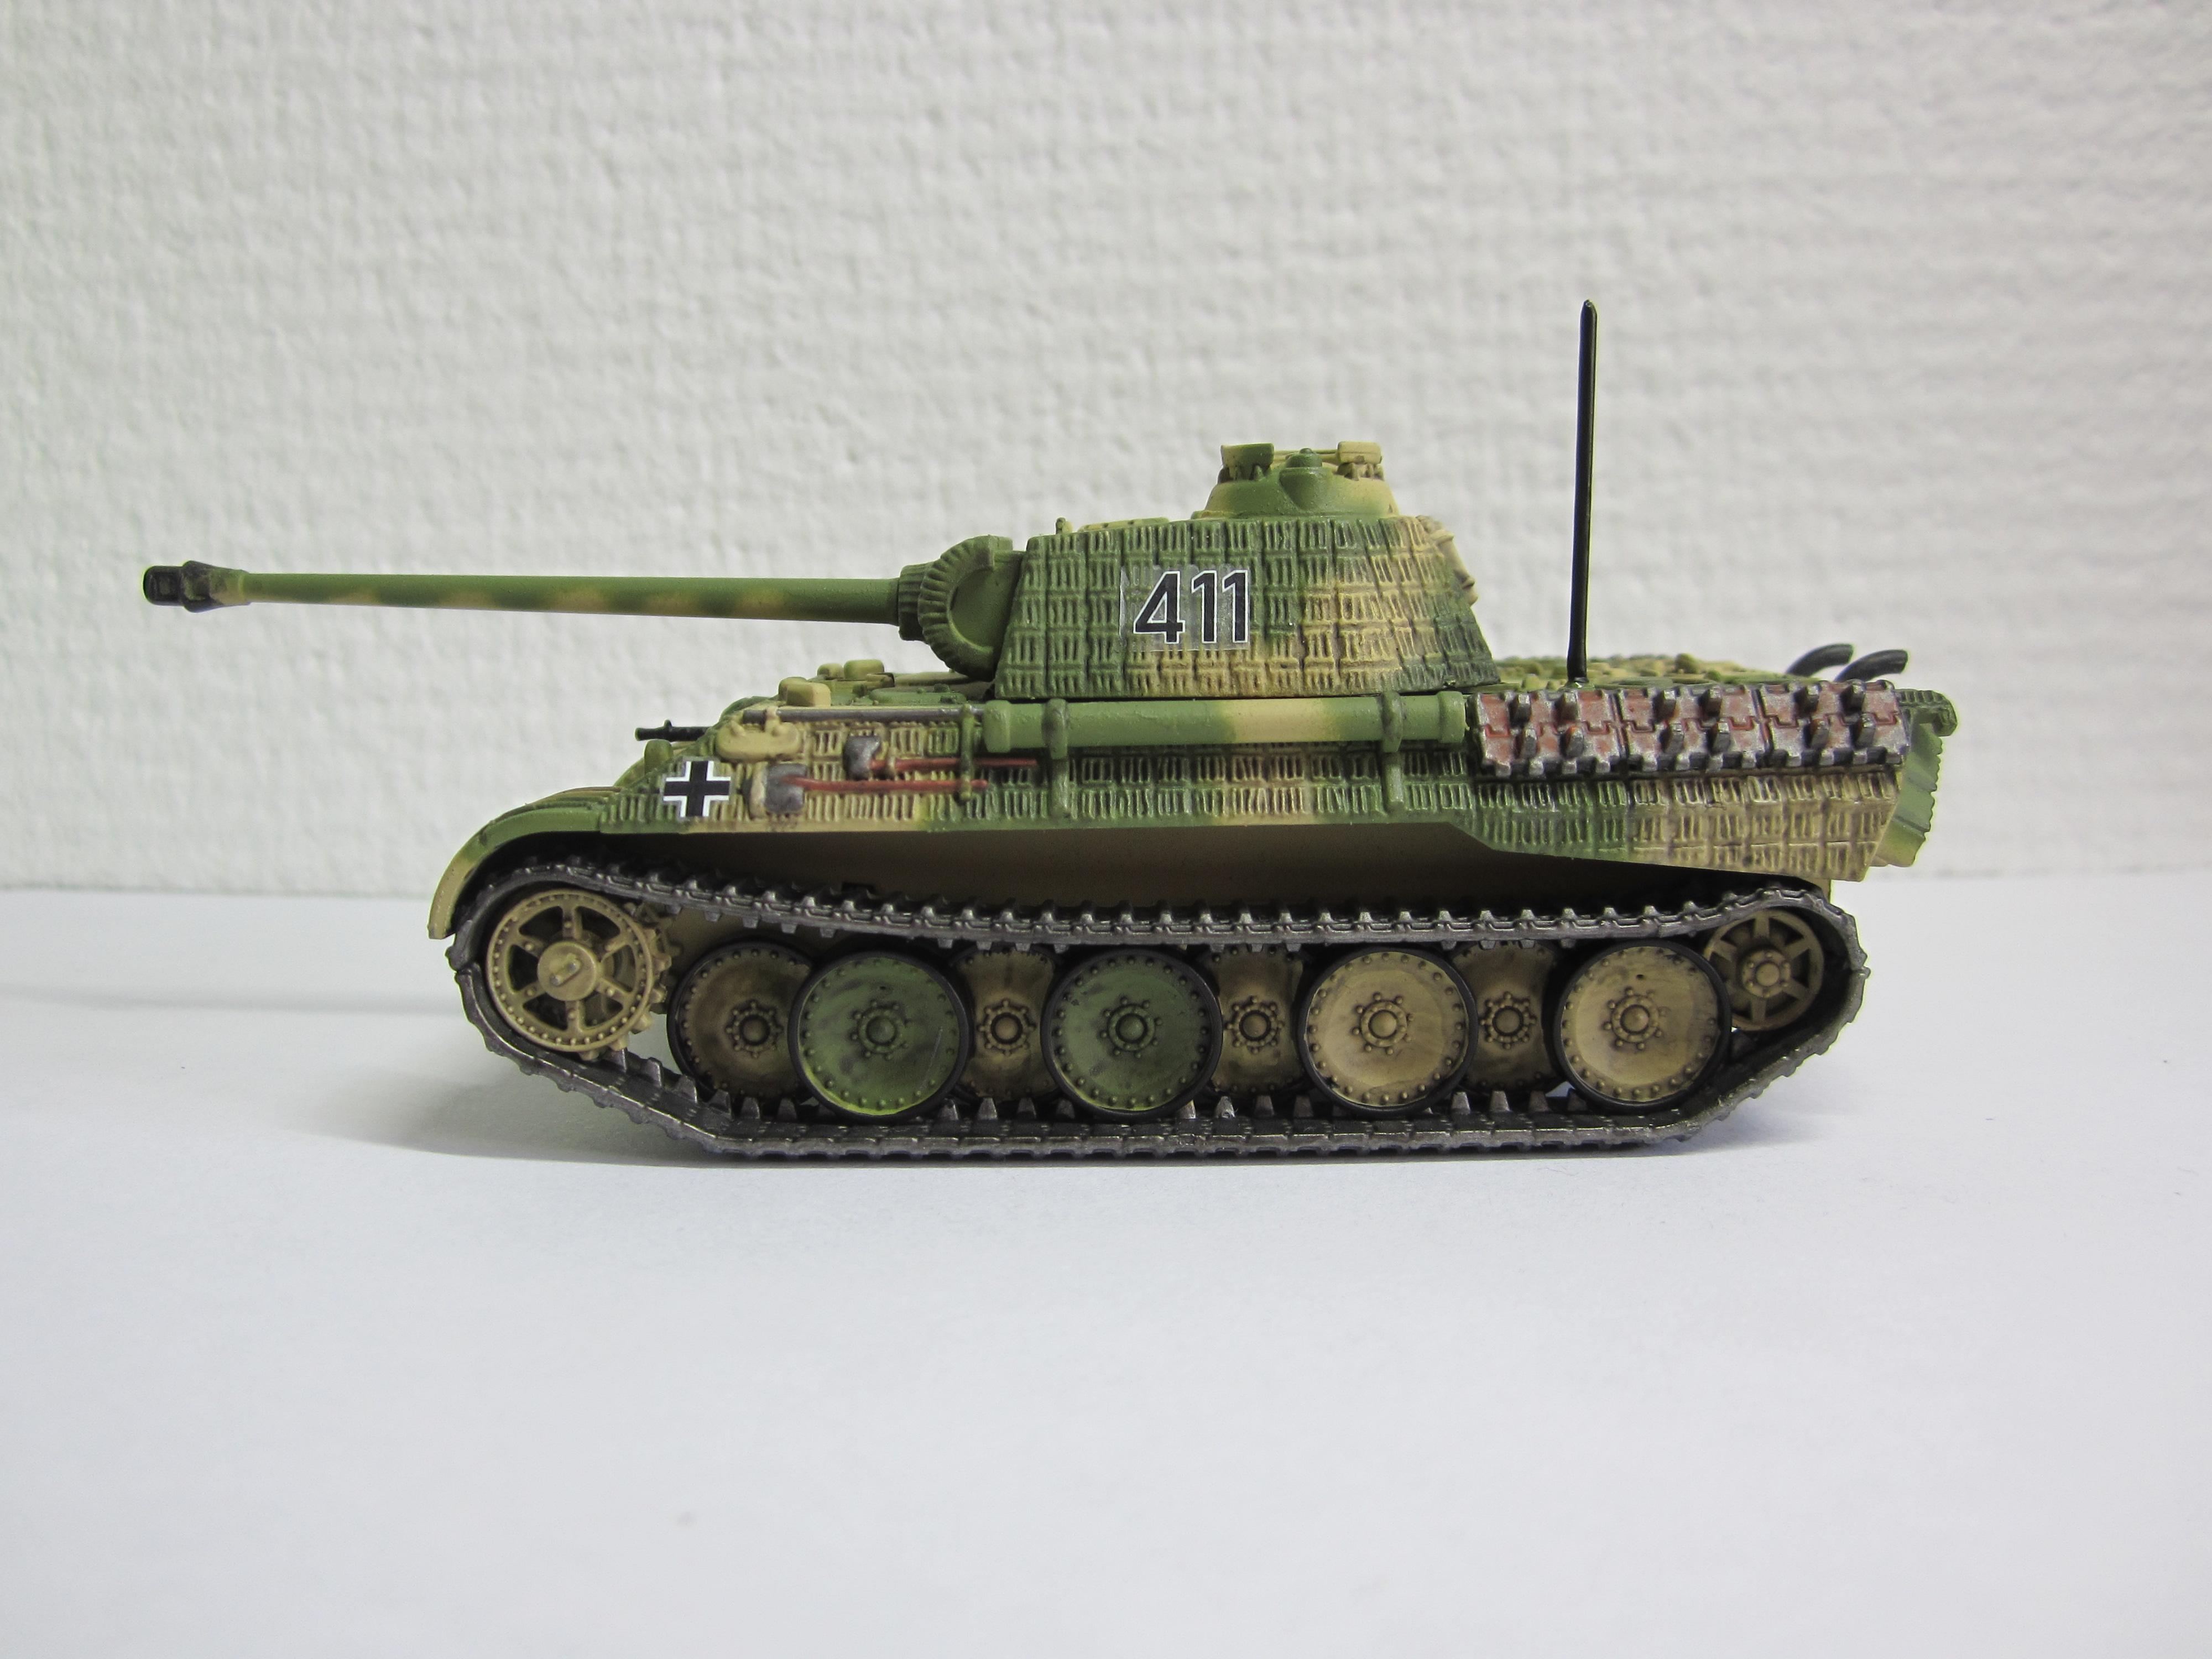 Figuren KöniG's Panzer Lehr Division - Seite 4 Img_3841dus32